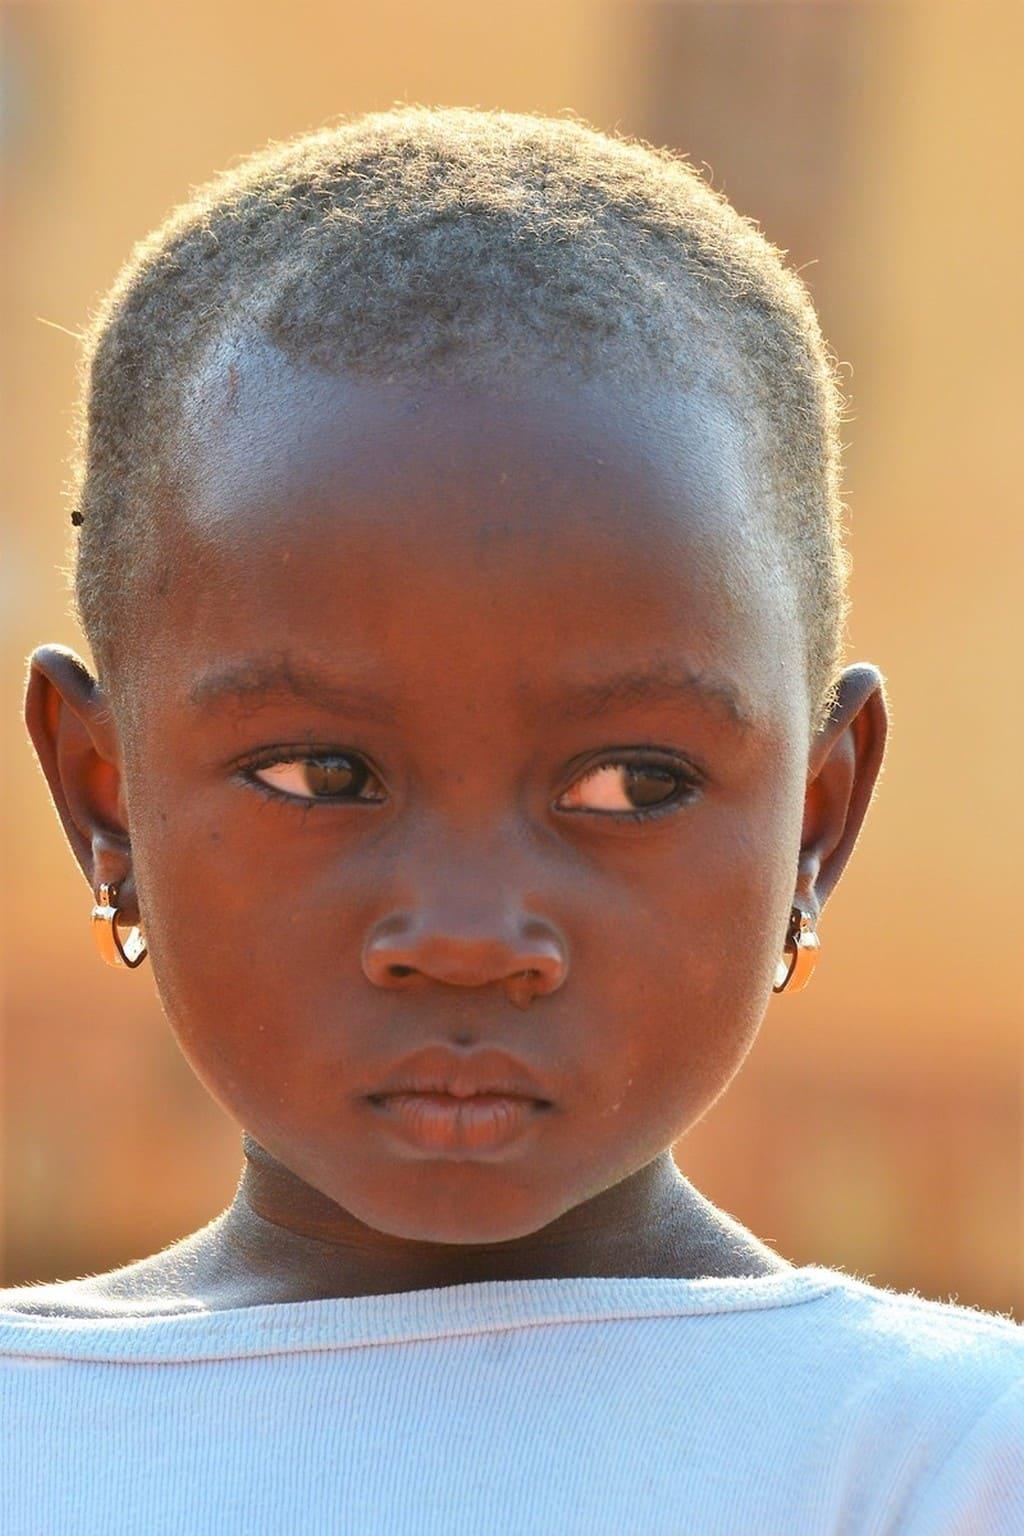 Immagini dal Togo: emozioni tratte da un'indimenticabile esperienza di vita